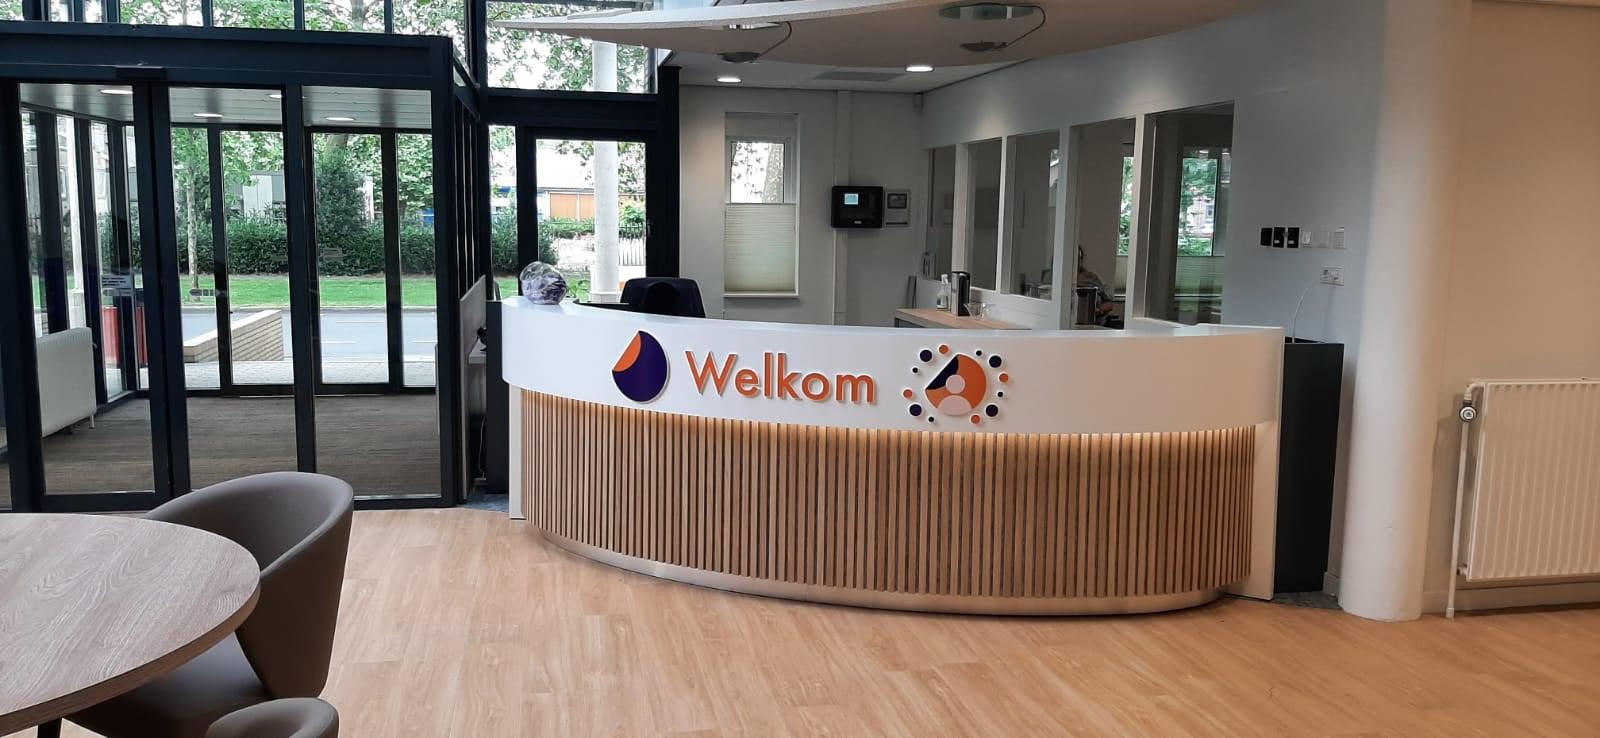 De balie van het kersverse Mentaal Gezondheidscentrum van GGz Breburg in Waalwijk dat in september open gaat.